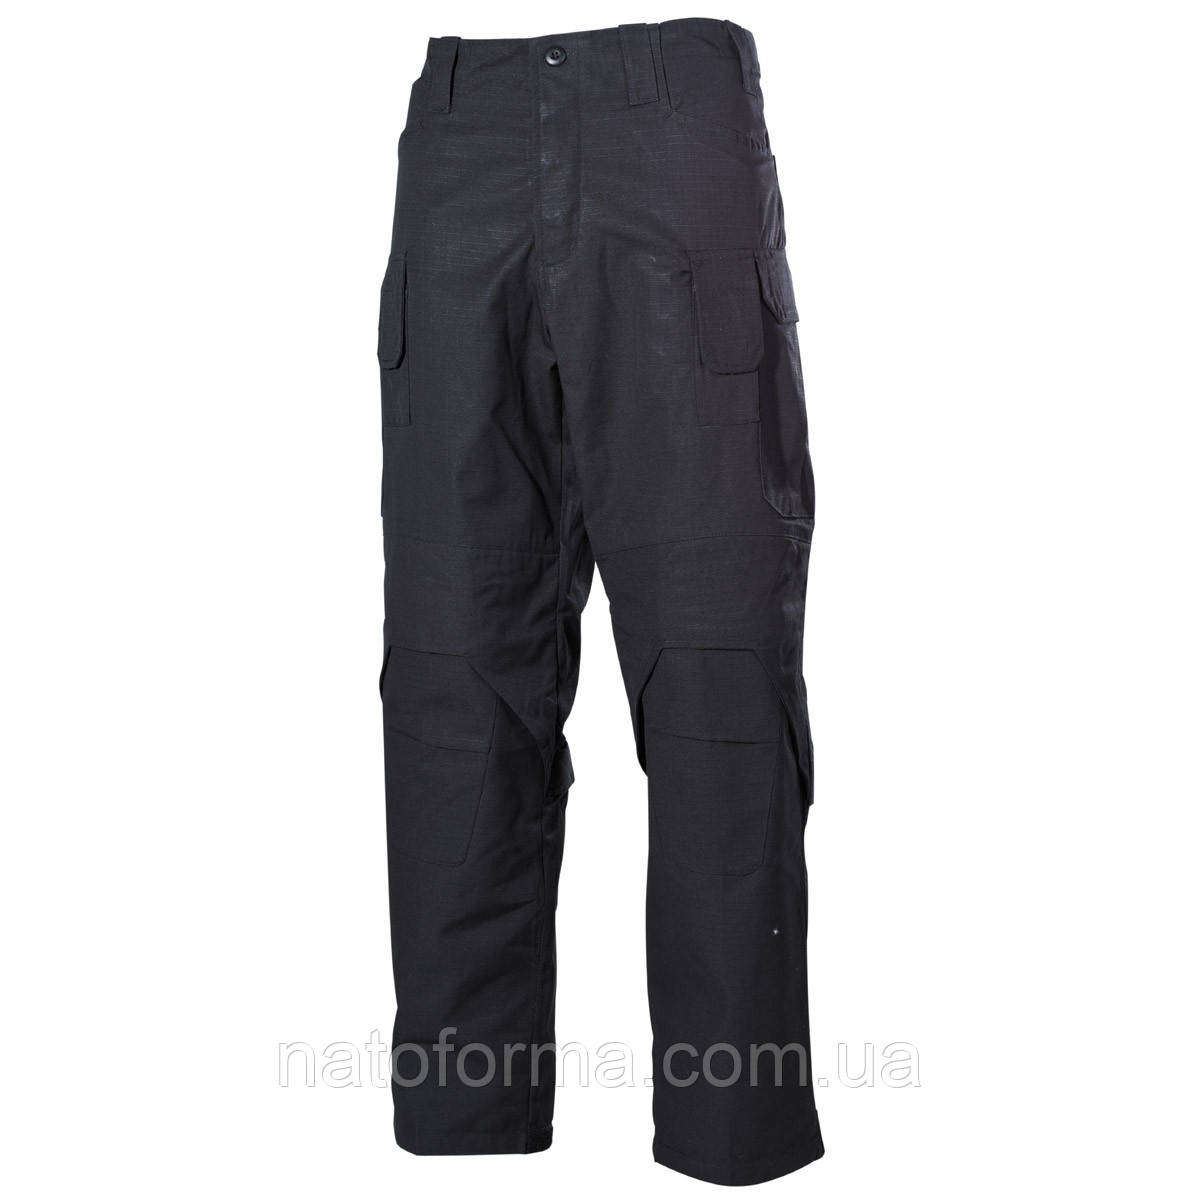 Штаны, брюки тактические Mission, Ny/Co, MFH, черные